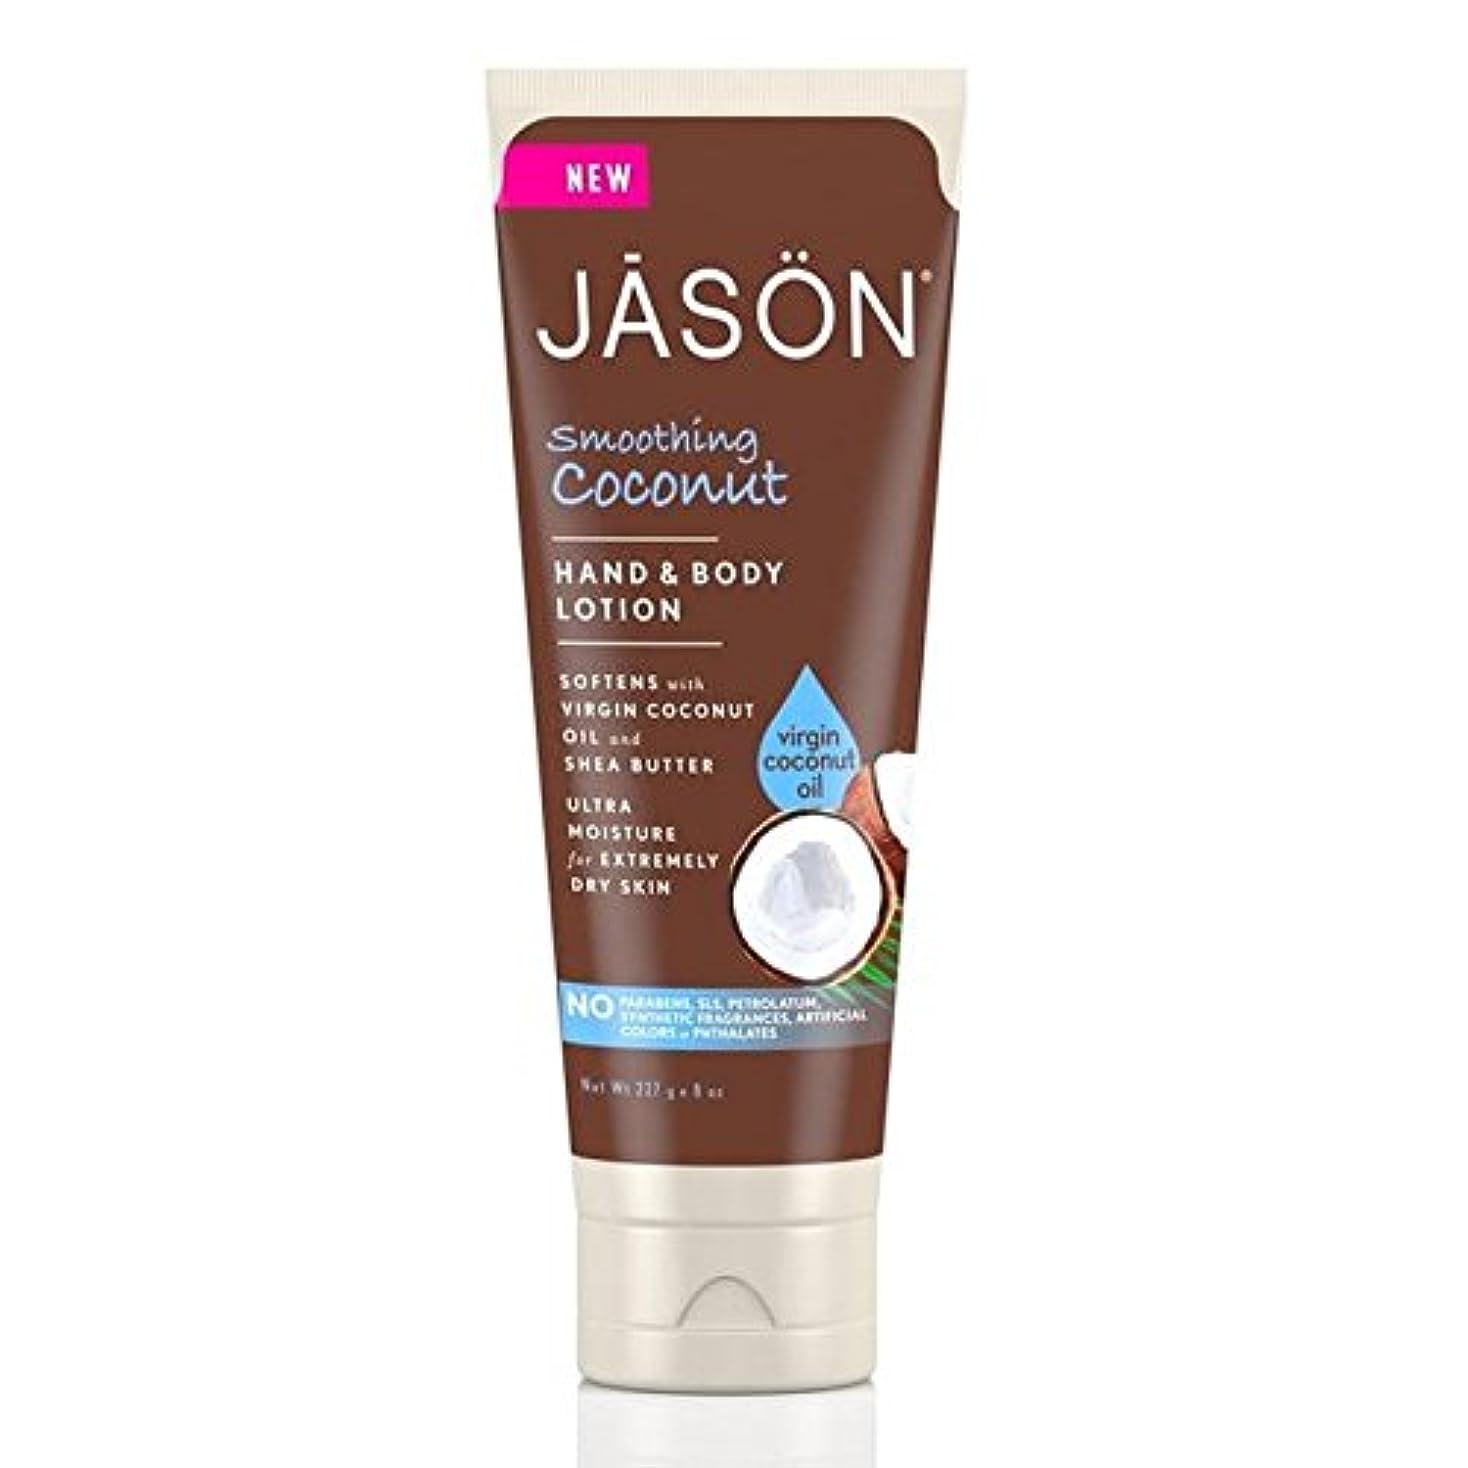 オリエント発症交換可能Jason Coconut Hand & Body Lotion 227g (Pack of 6) - ジェイソン?ココナッツハンド&ボディローション227グラム x6 [並行輸入品]